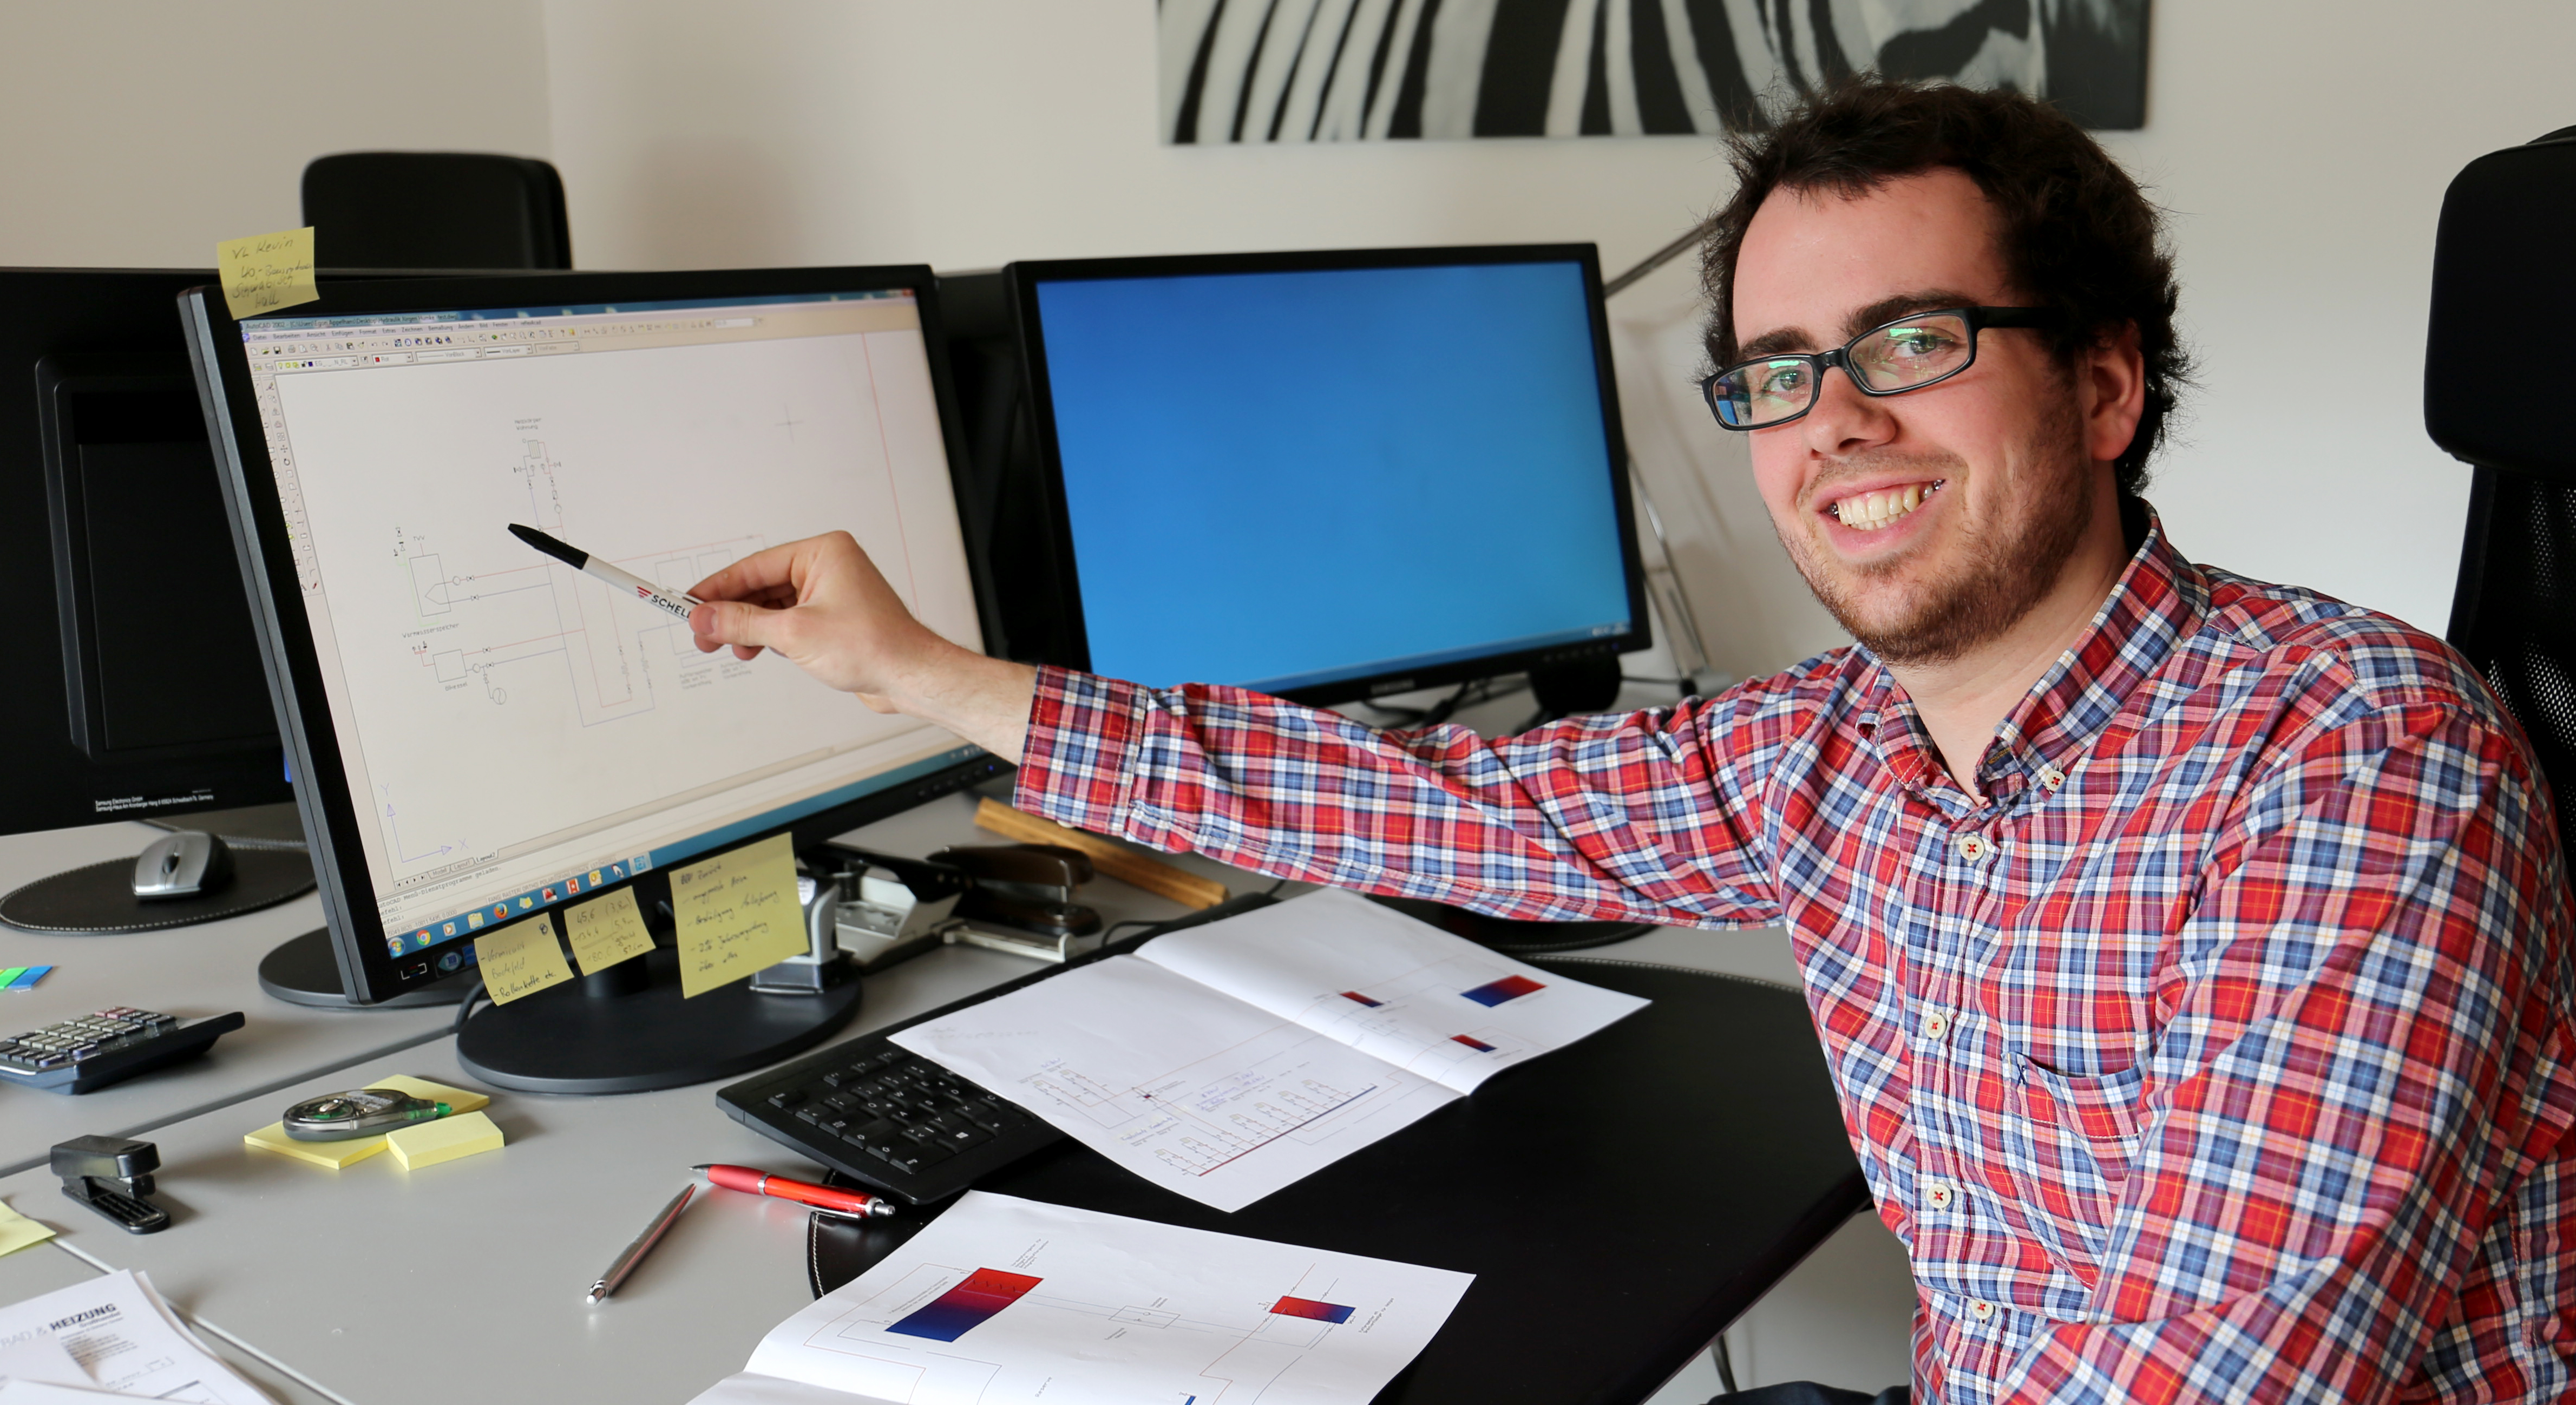 Jakob Appelhans bei der Arbeit im Büro